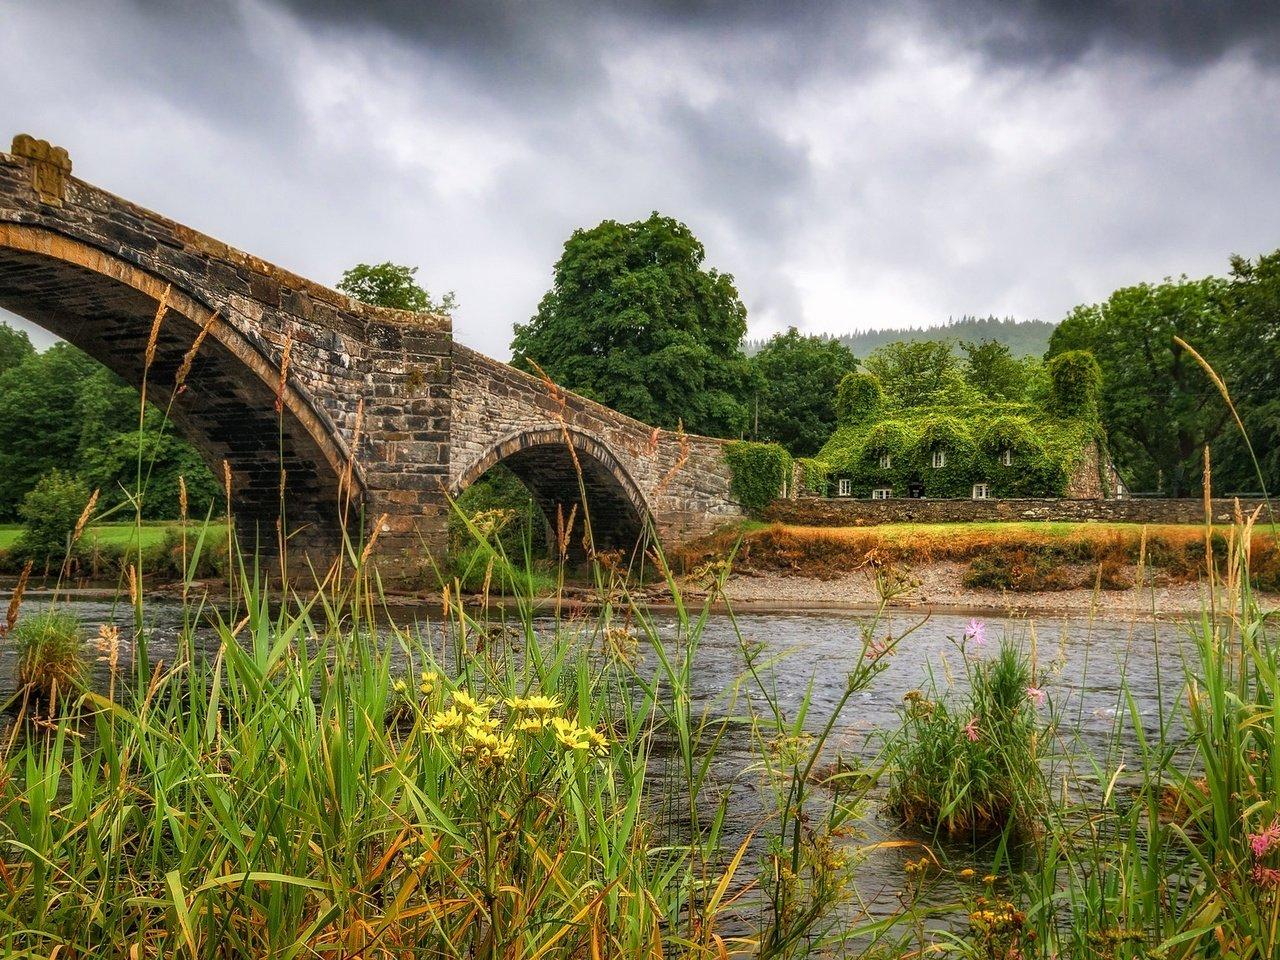 капитального картинки три дома река мост деревья перерывах елена